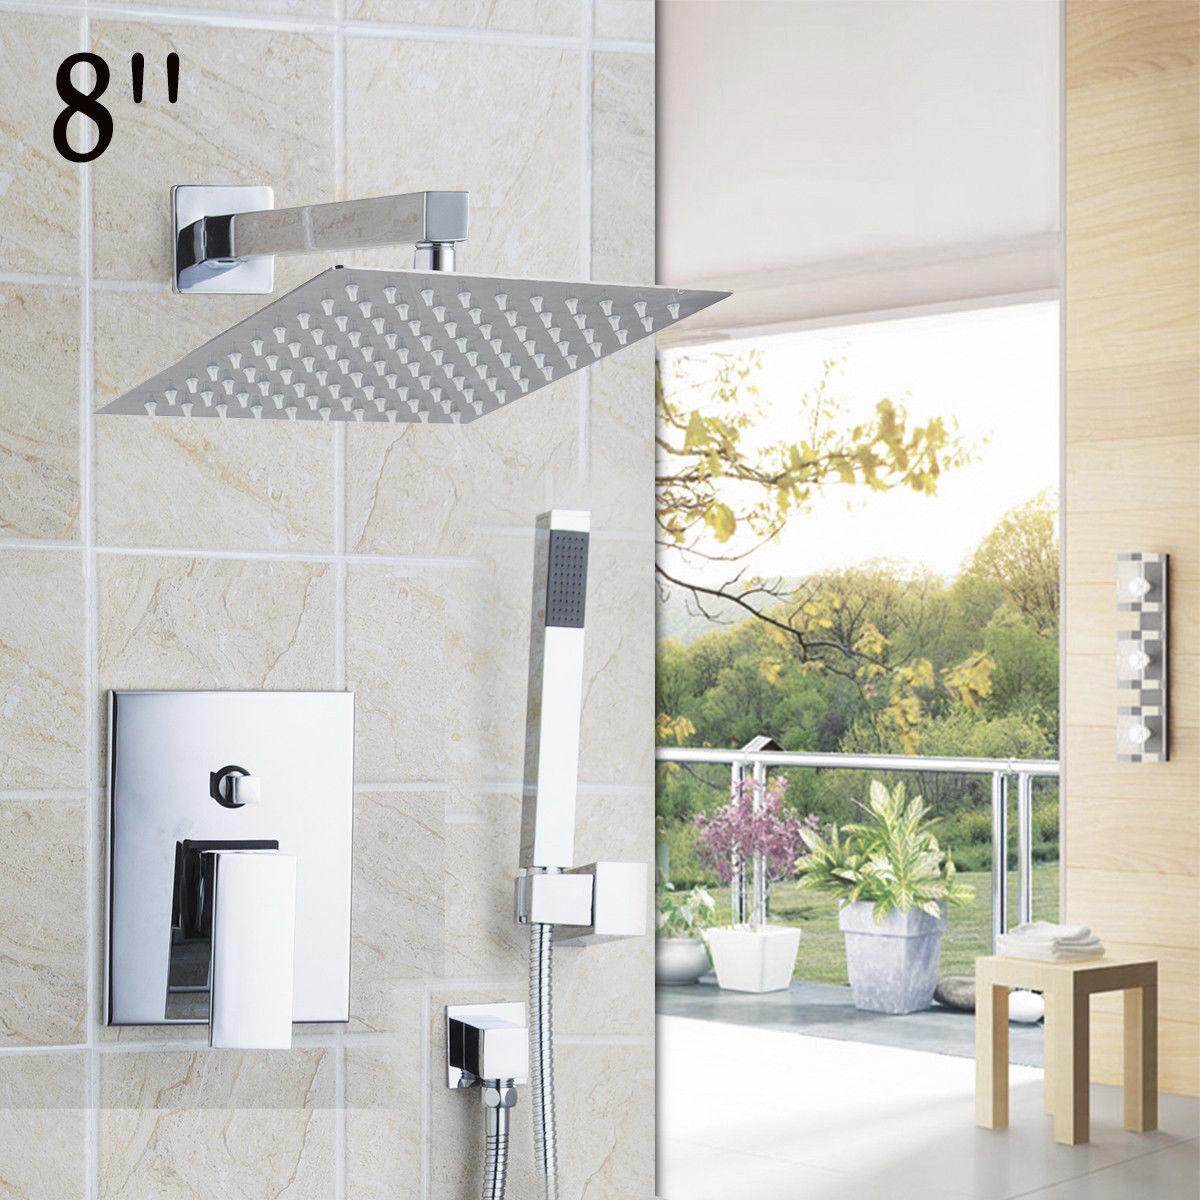 RUBINETTO del bagno Doccia Set Soffione della Doccia Pioggia 8  + Valore a mano VAPORIZZATORE SQUARE